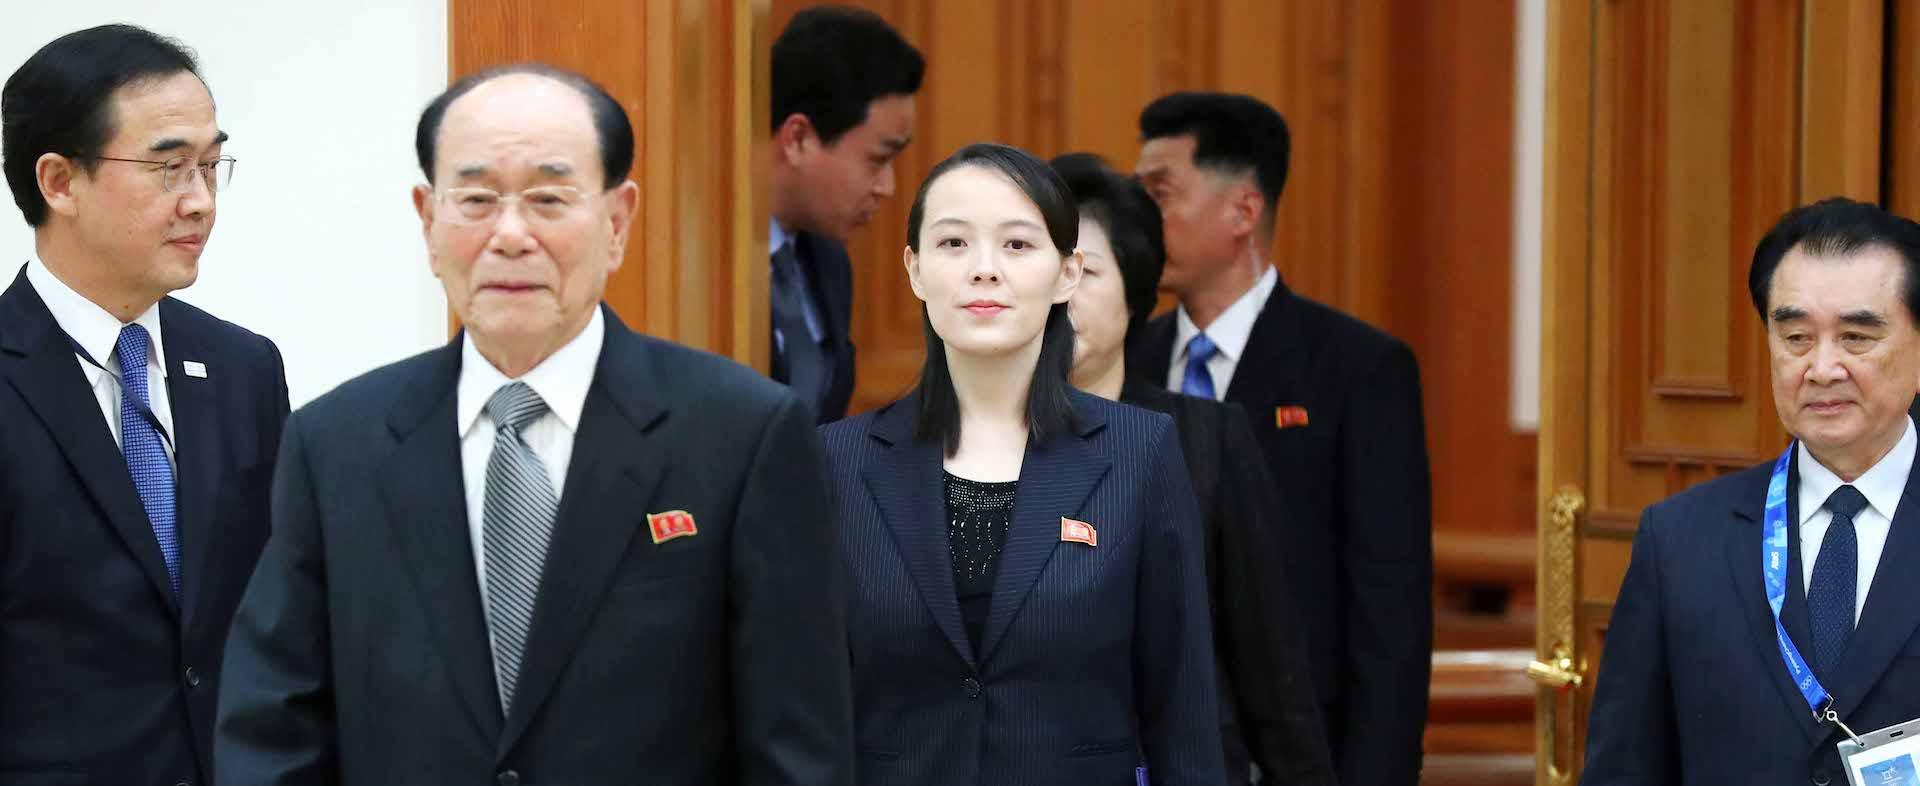 她28歲  權力僅次領導   金正恩妹妹神秘曝光